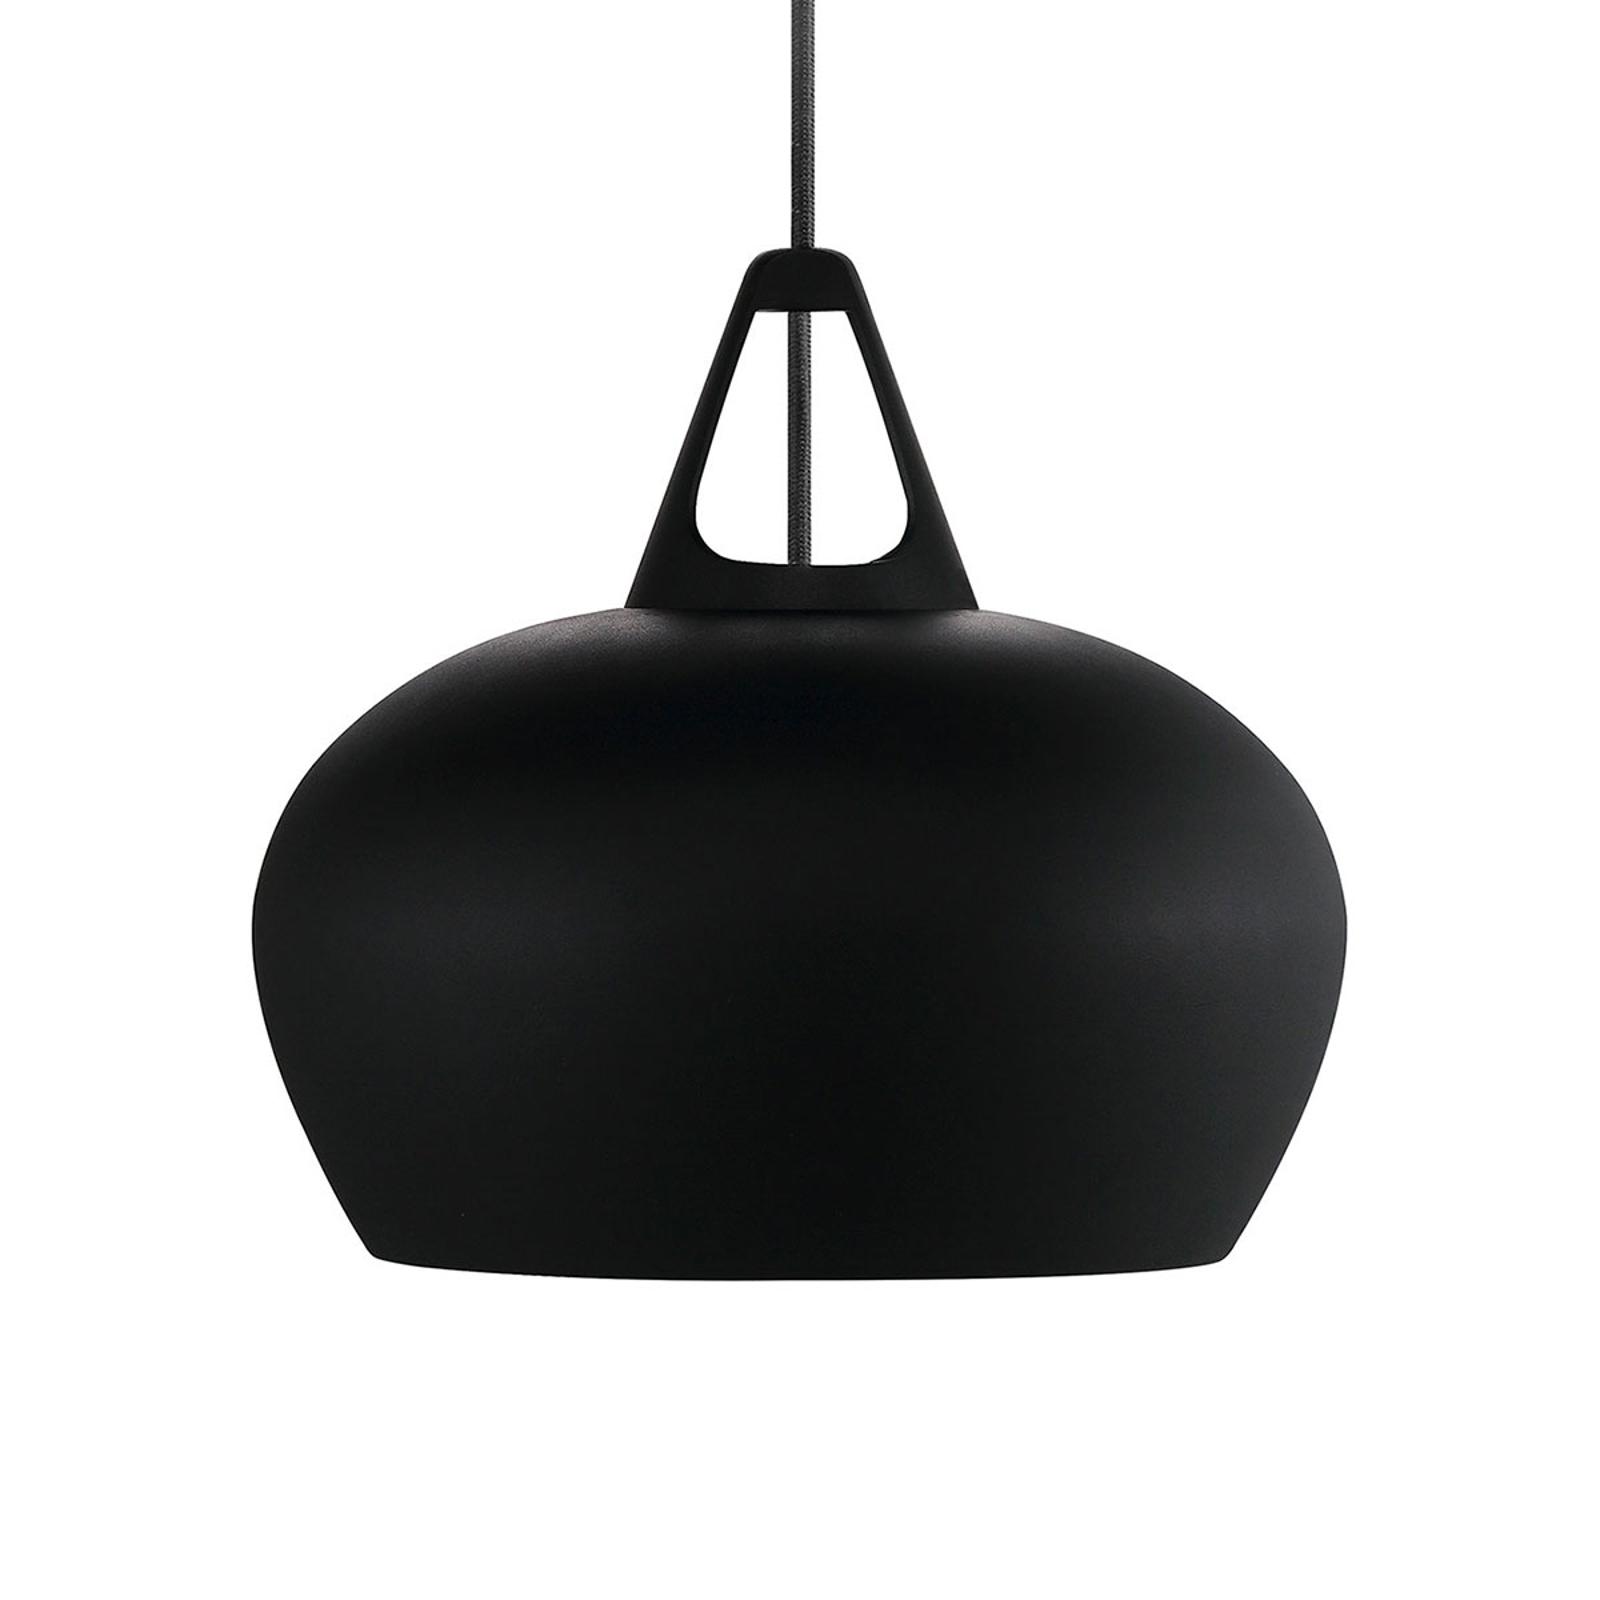 Effectrijke hanglamp Belly, Ø 29 cm